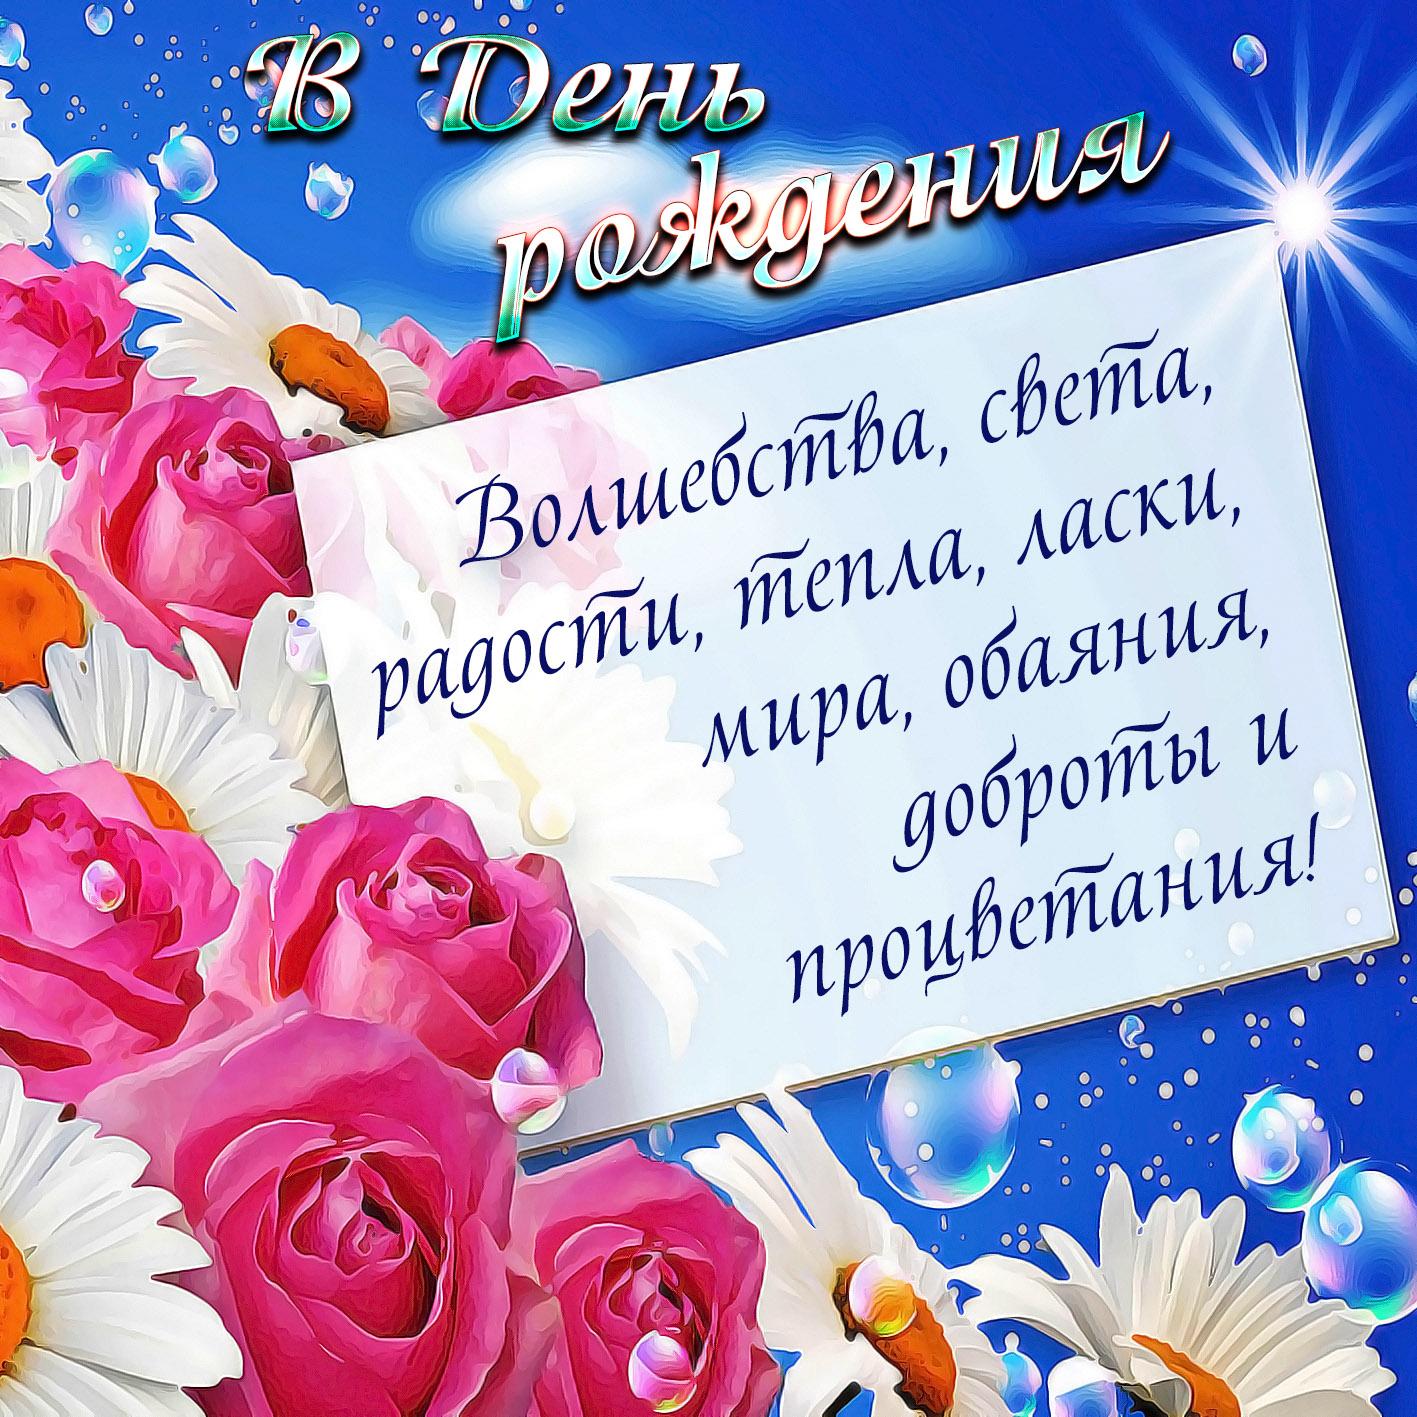 Поздравляю вас с днем рождения картинки с пожеланиями